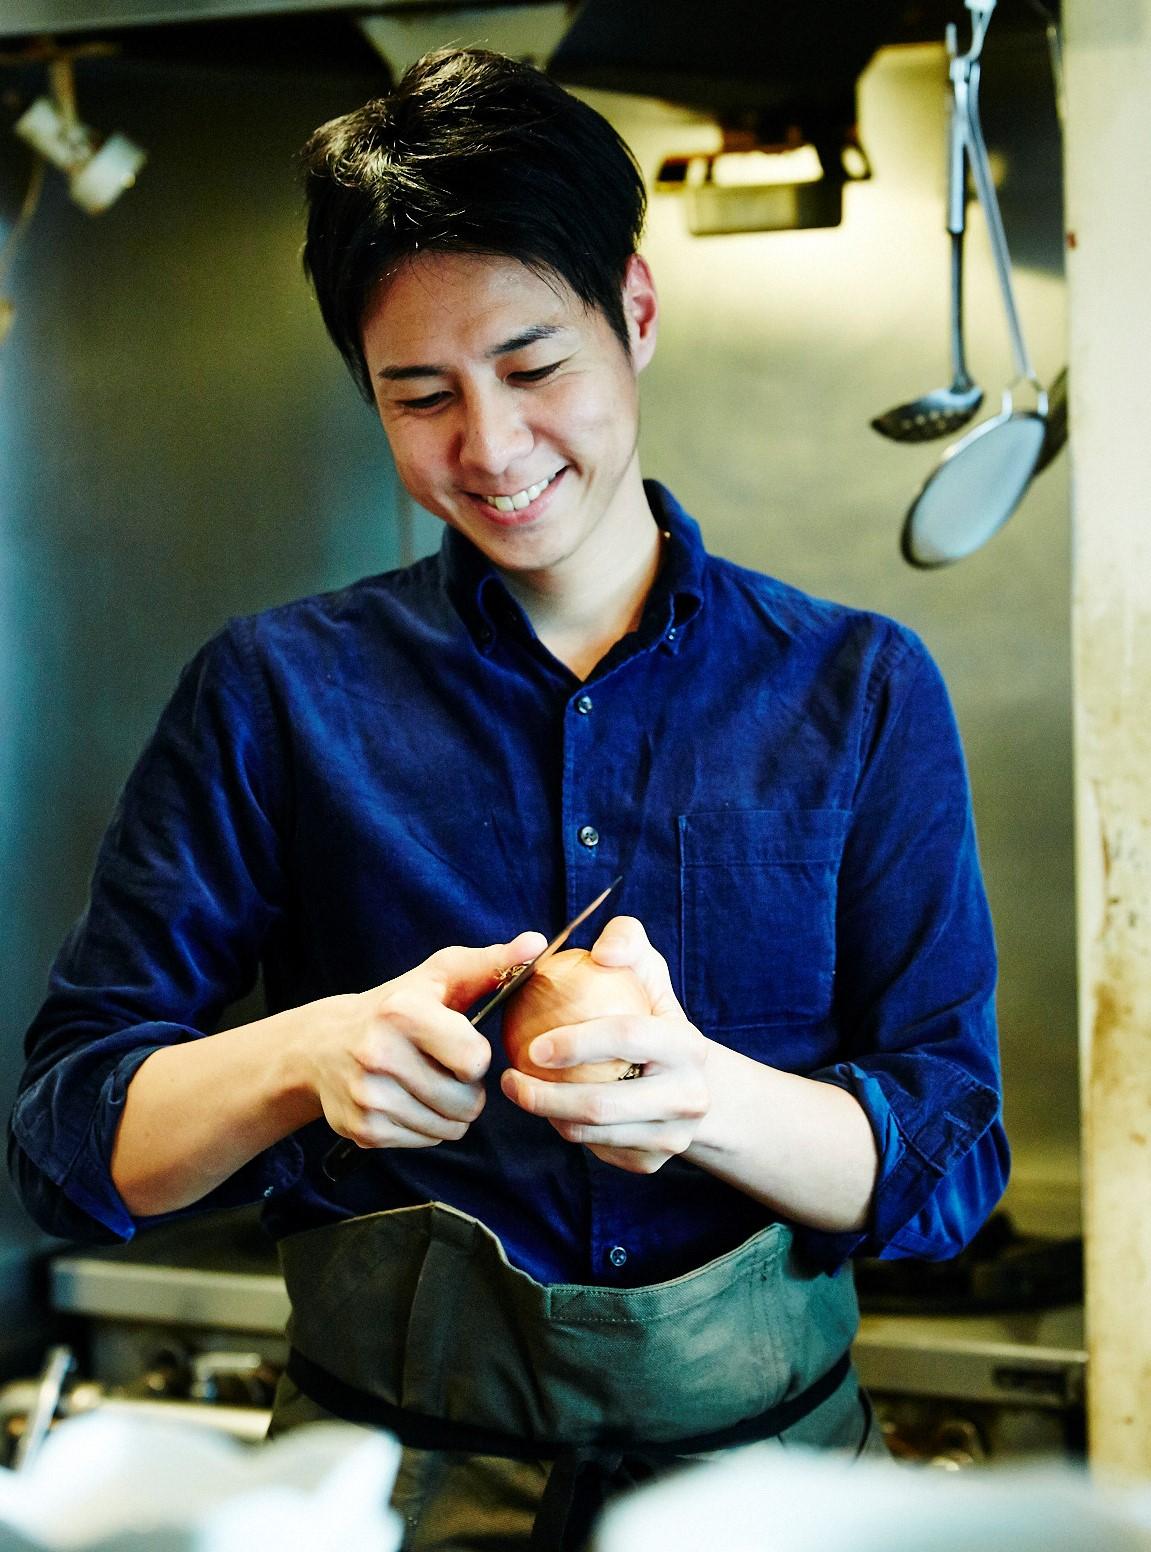 和食のアスリートフードを作ろう!料理教室開催 2020年1月 現役アスリート料理人 高橋善郎さん